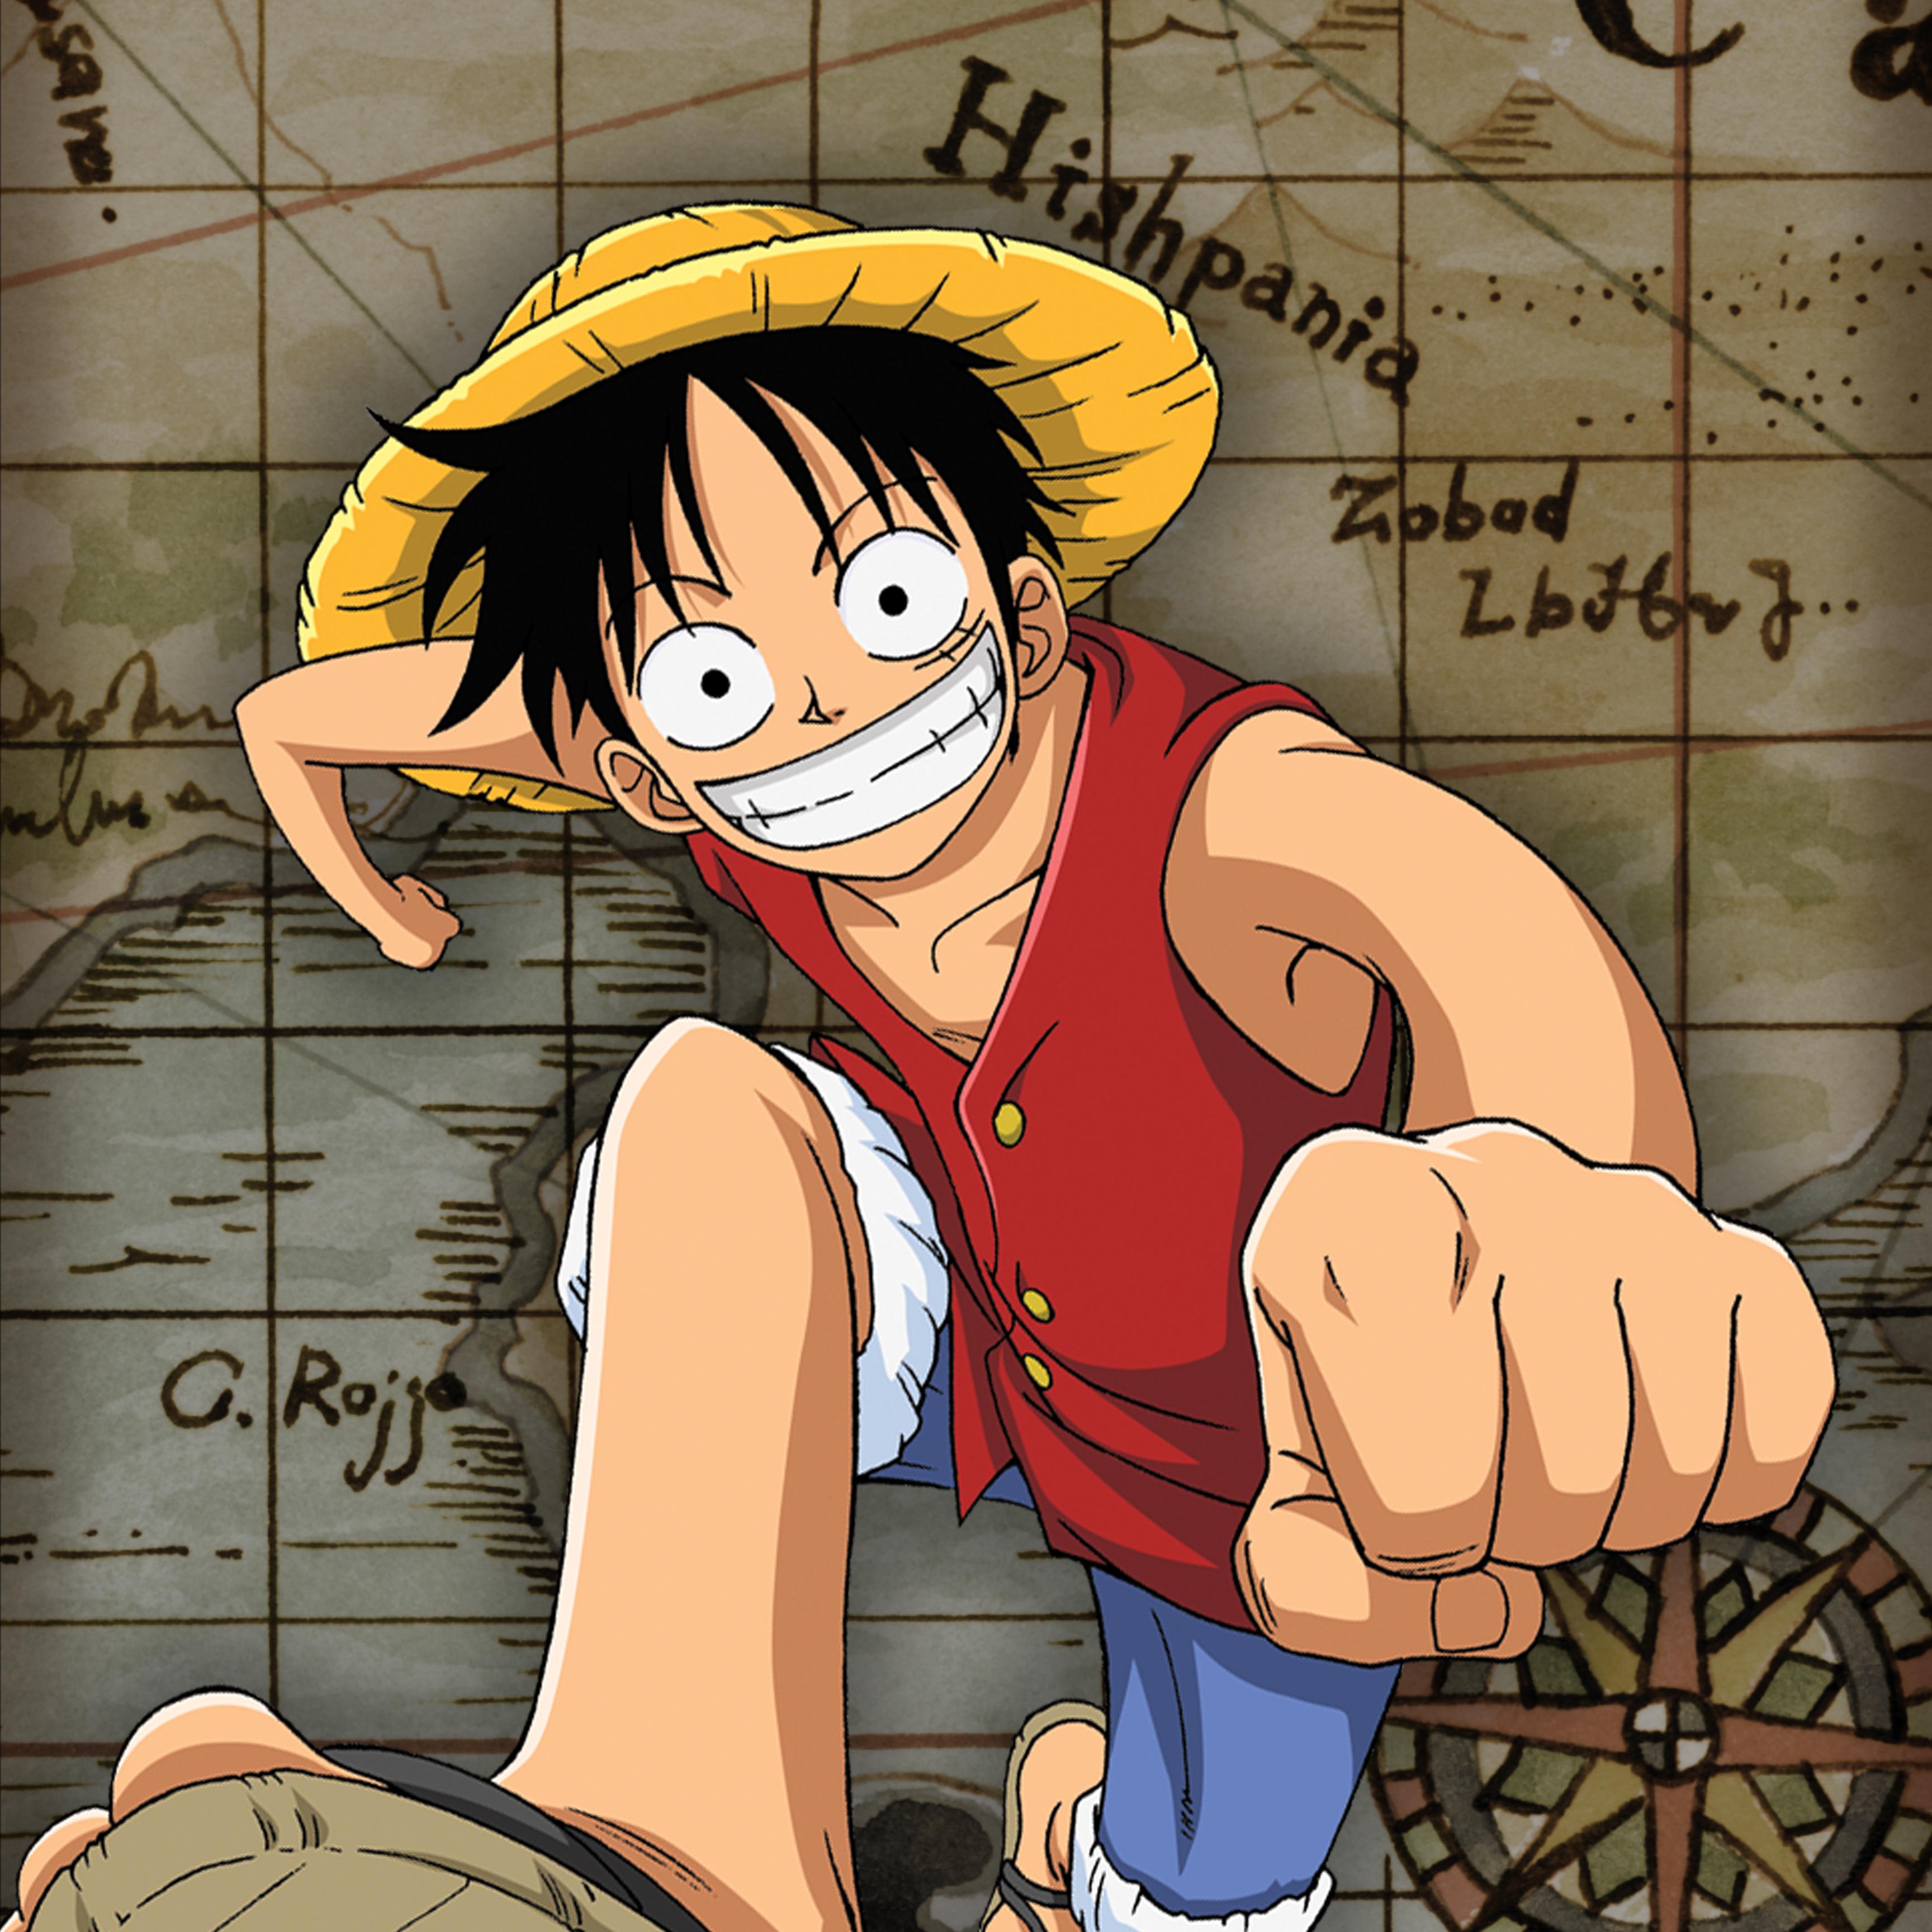 Anime 2019 Imdb: One Piece Episode 1 English Dubbed